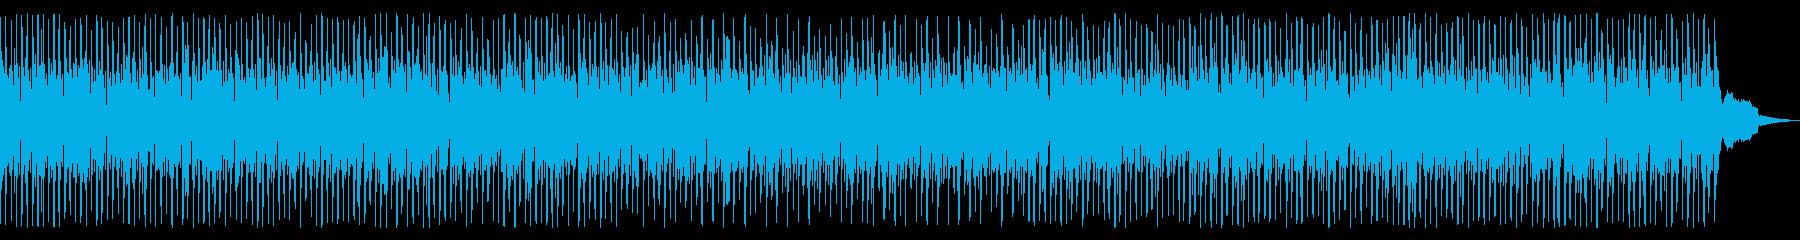 ほのぼの・かわいいウクレレ&マリンバの再生済みの波形